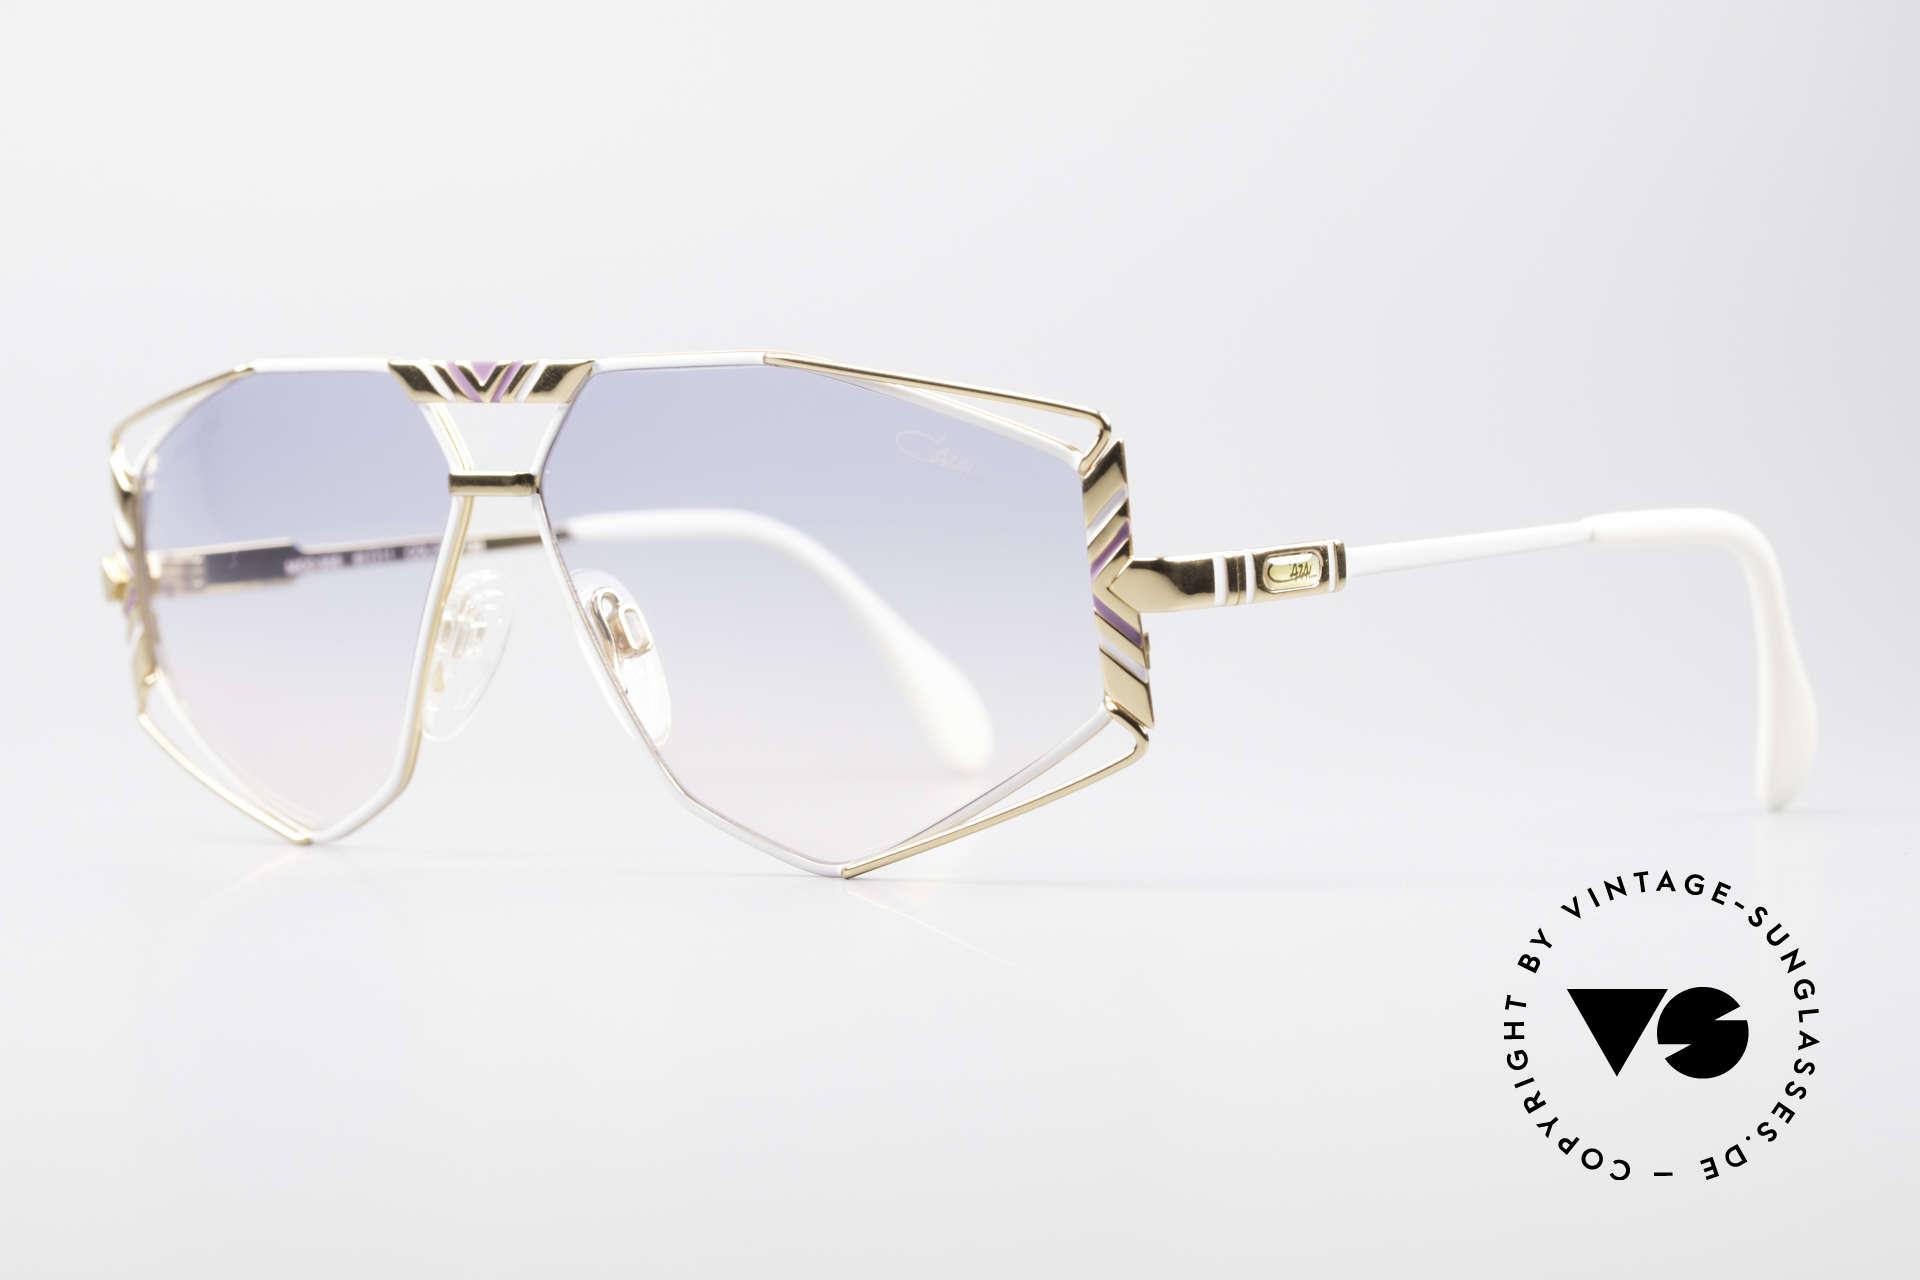 Cazal 956 Cari Zalloni Sonnenbrille, Design vom legendären CAri ZALloni (Mr. CAZAL), Passend für Herren und Damen